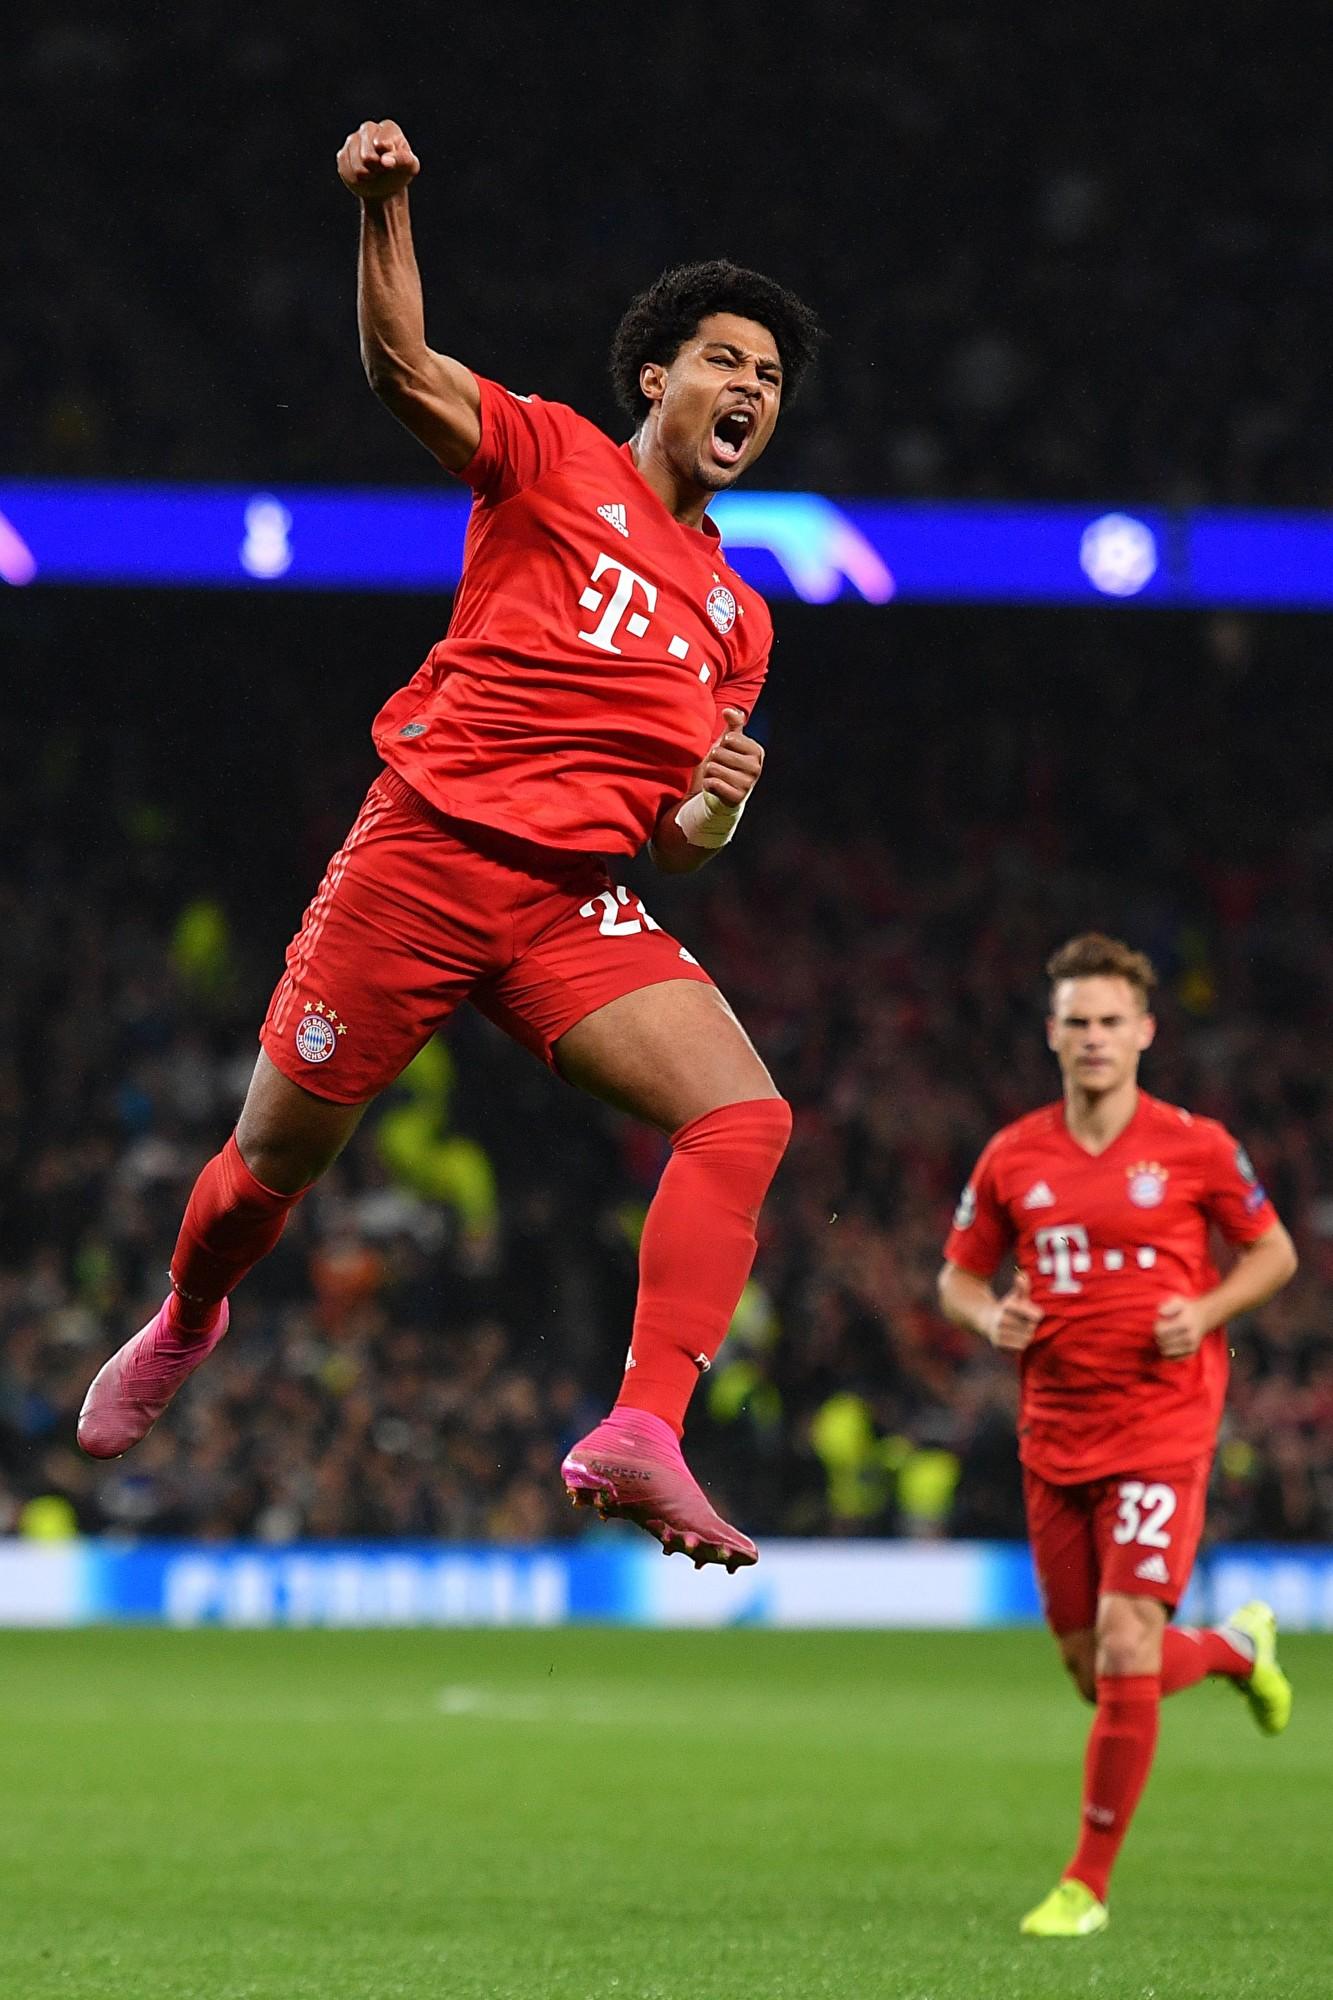 歐冠小組賽第二輪,拜仁在客場7:2擊敗了熱刺